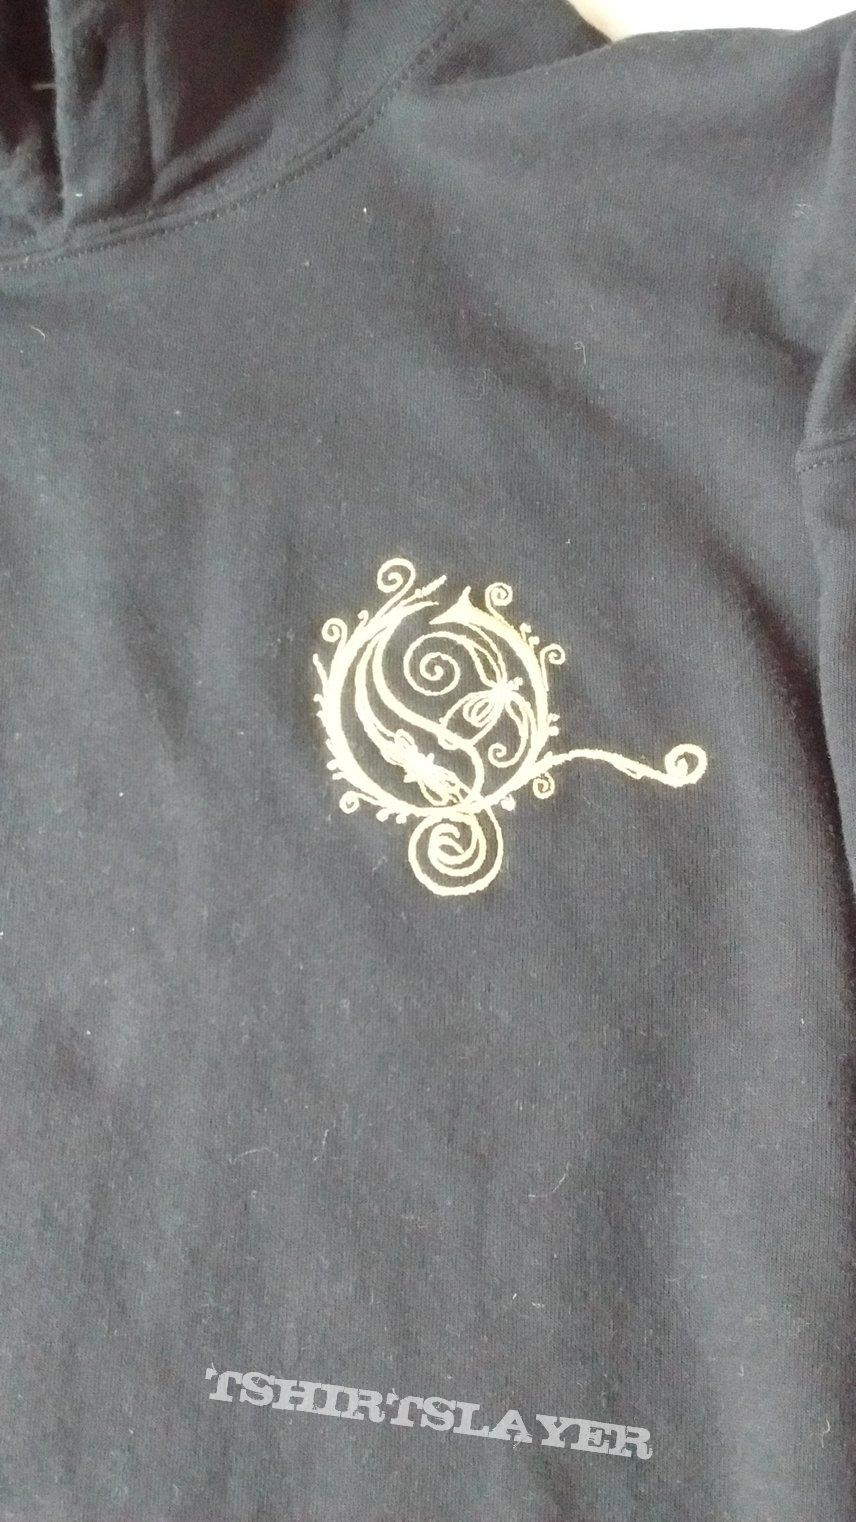 Opeth hoodie